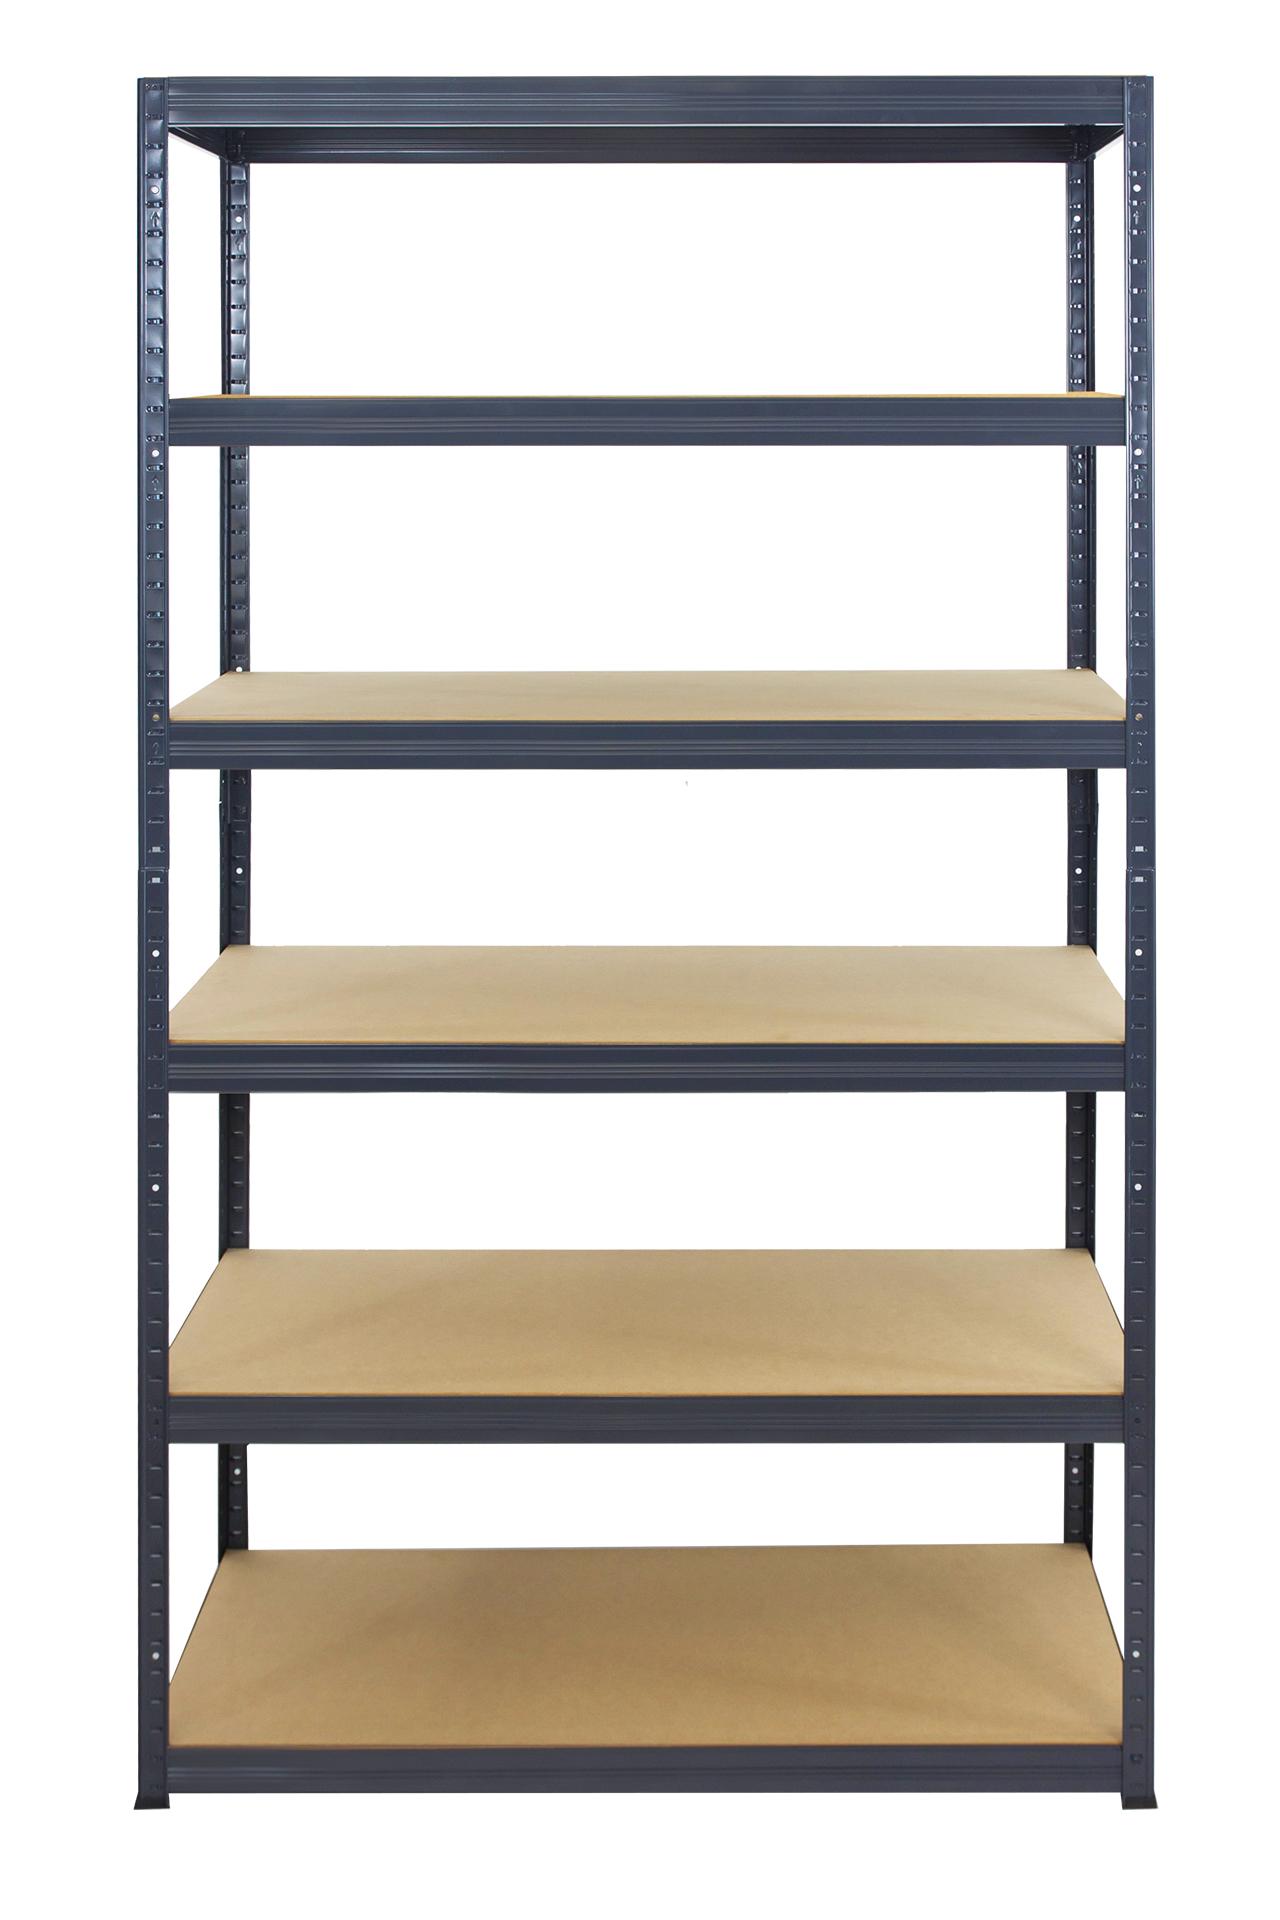 metallregal werkstatt schwerlastregal grau 213cm breiten ab 30 120 cm hgg ebay. Black Bedroom Furniture Sets. Home Design Ideas